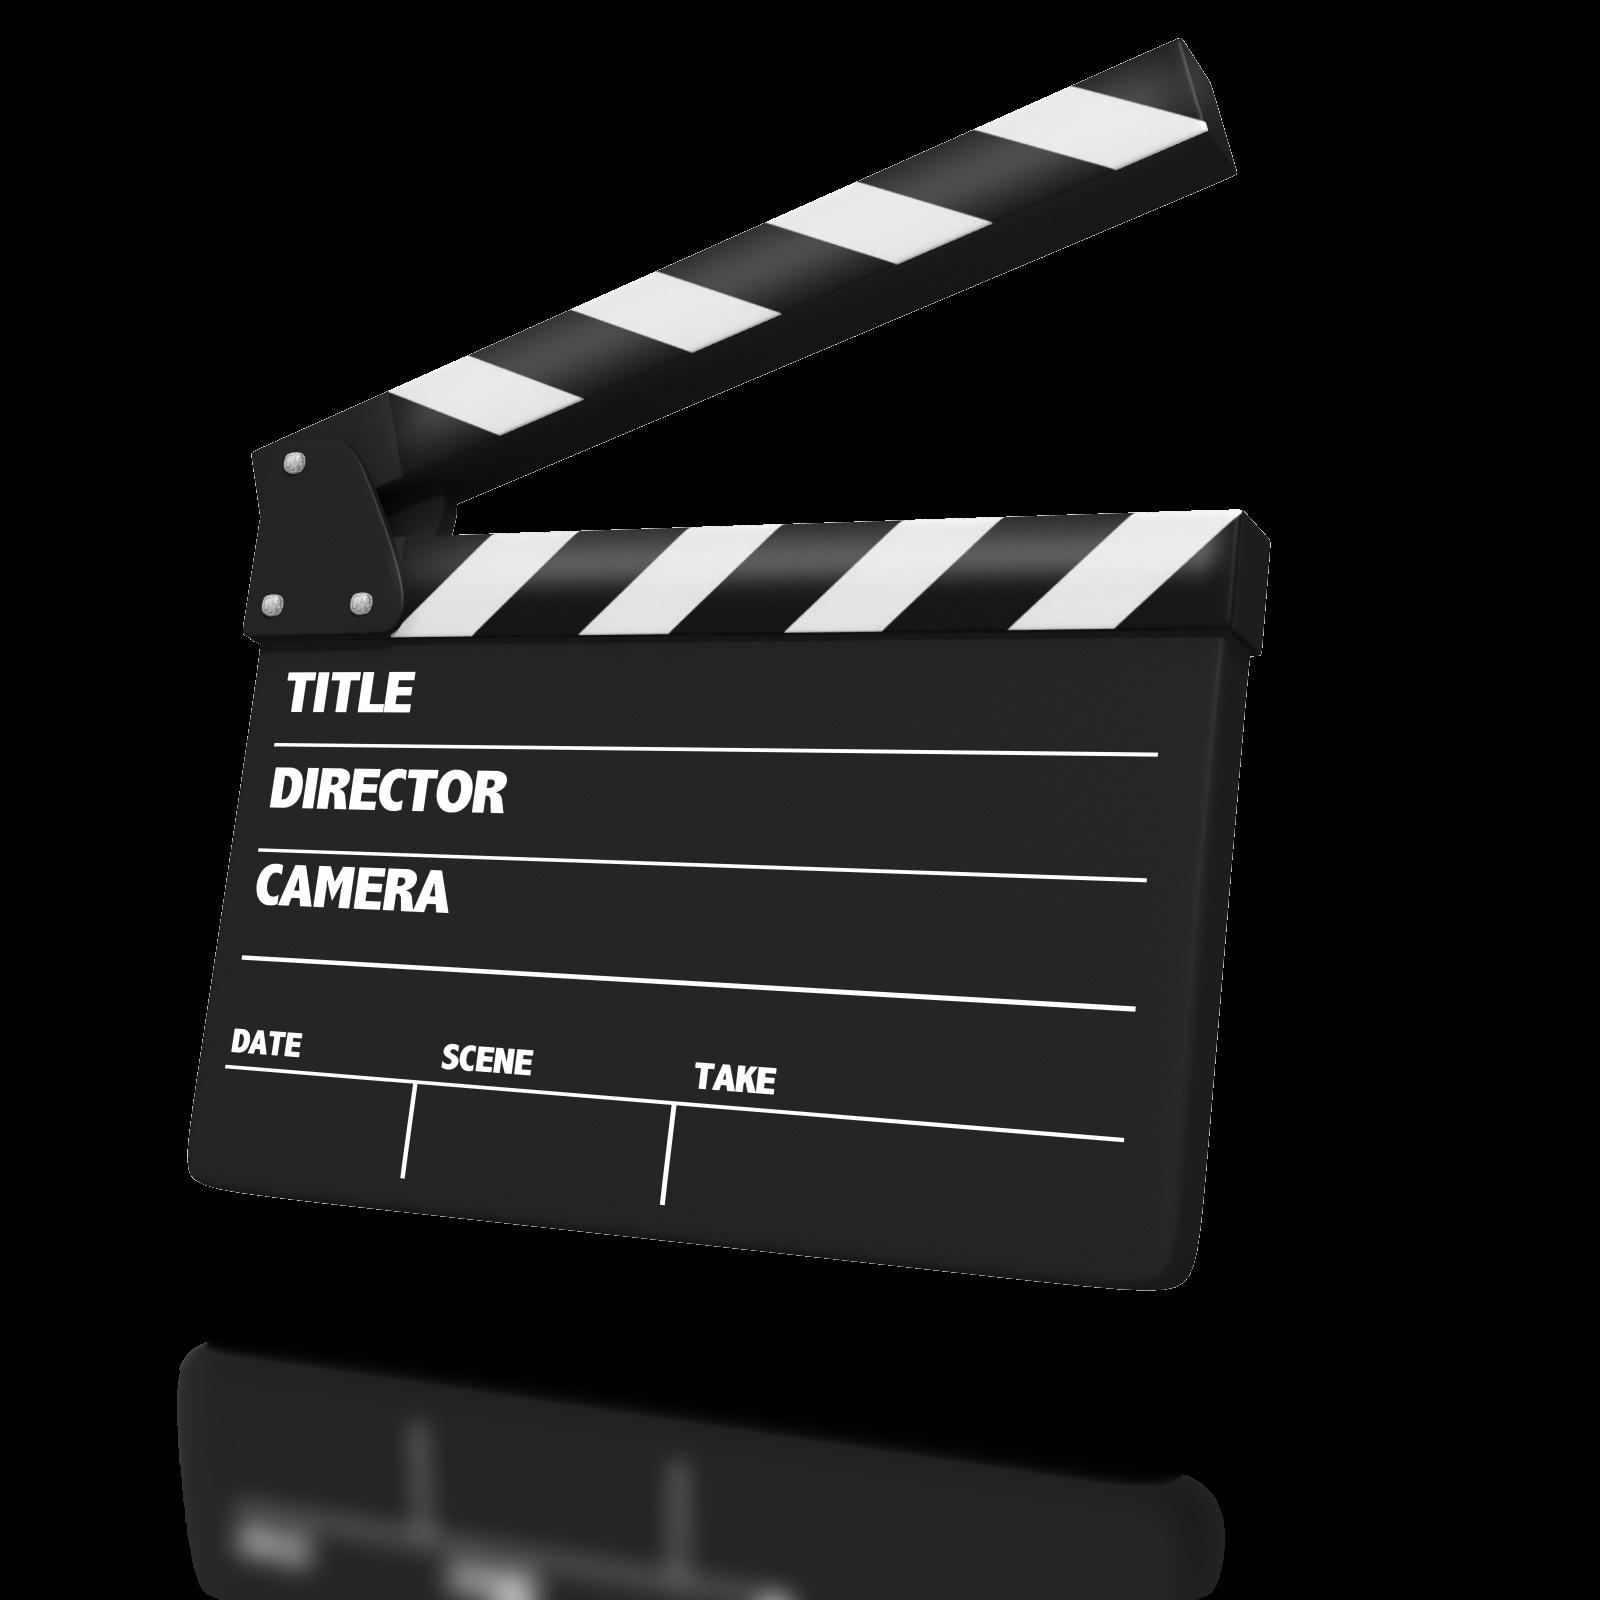 Film clipart film action, Film film action Transparent FREE.